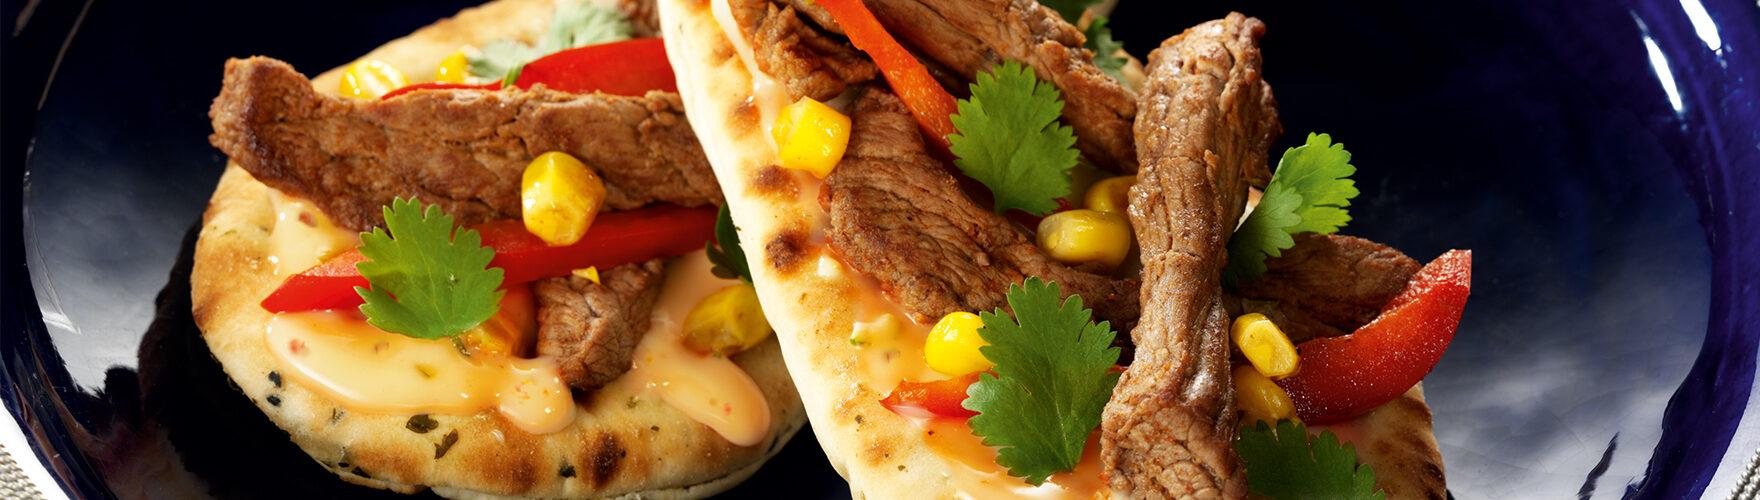 Naan-Sandwich mit Rindfleisch-Streifchen, Mais und Paprika